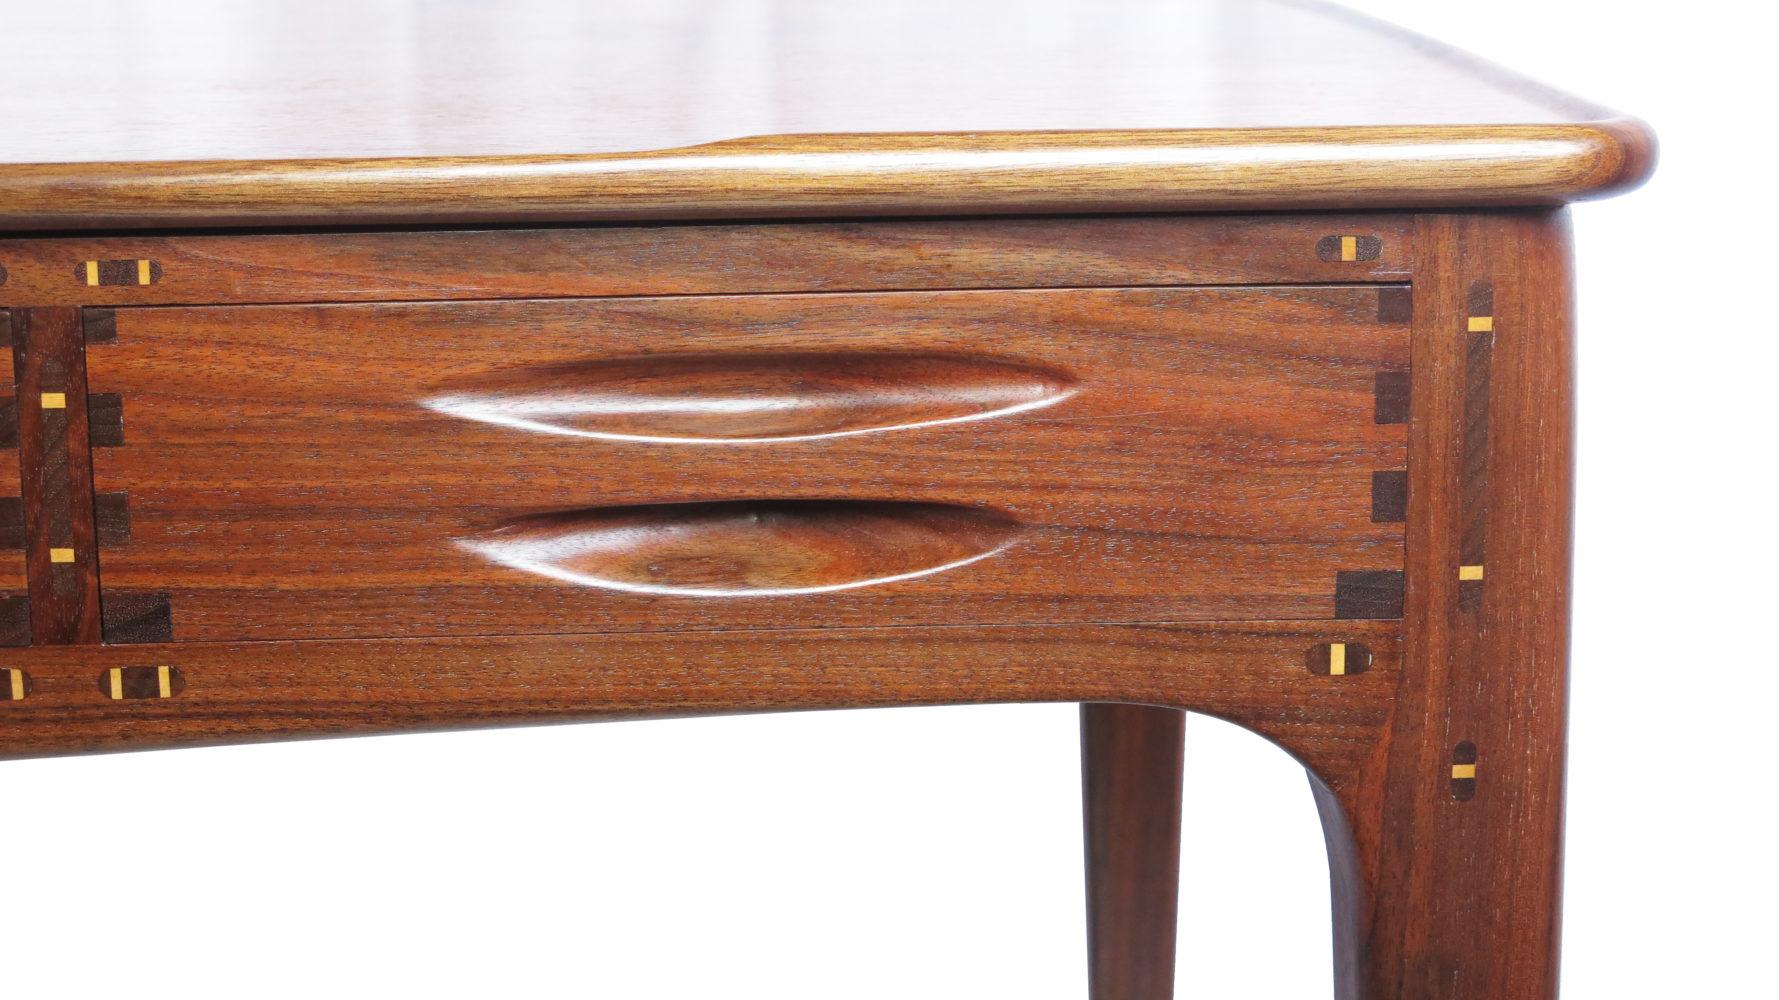 eb nisterie d 39 art meuble contemporain lille m tropole lilloise. Black Bedroom Furniture Sets. Home Design Ideas